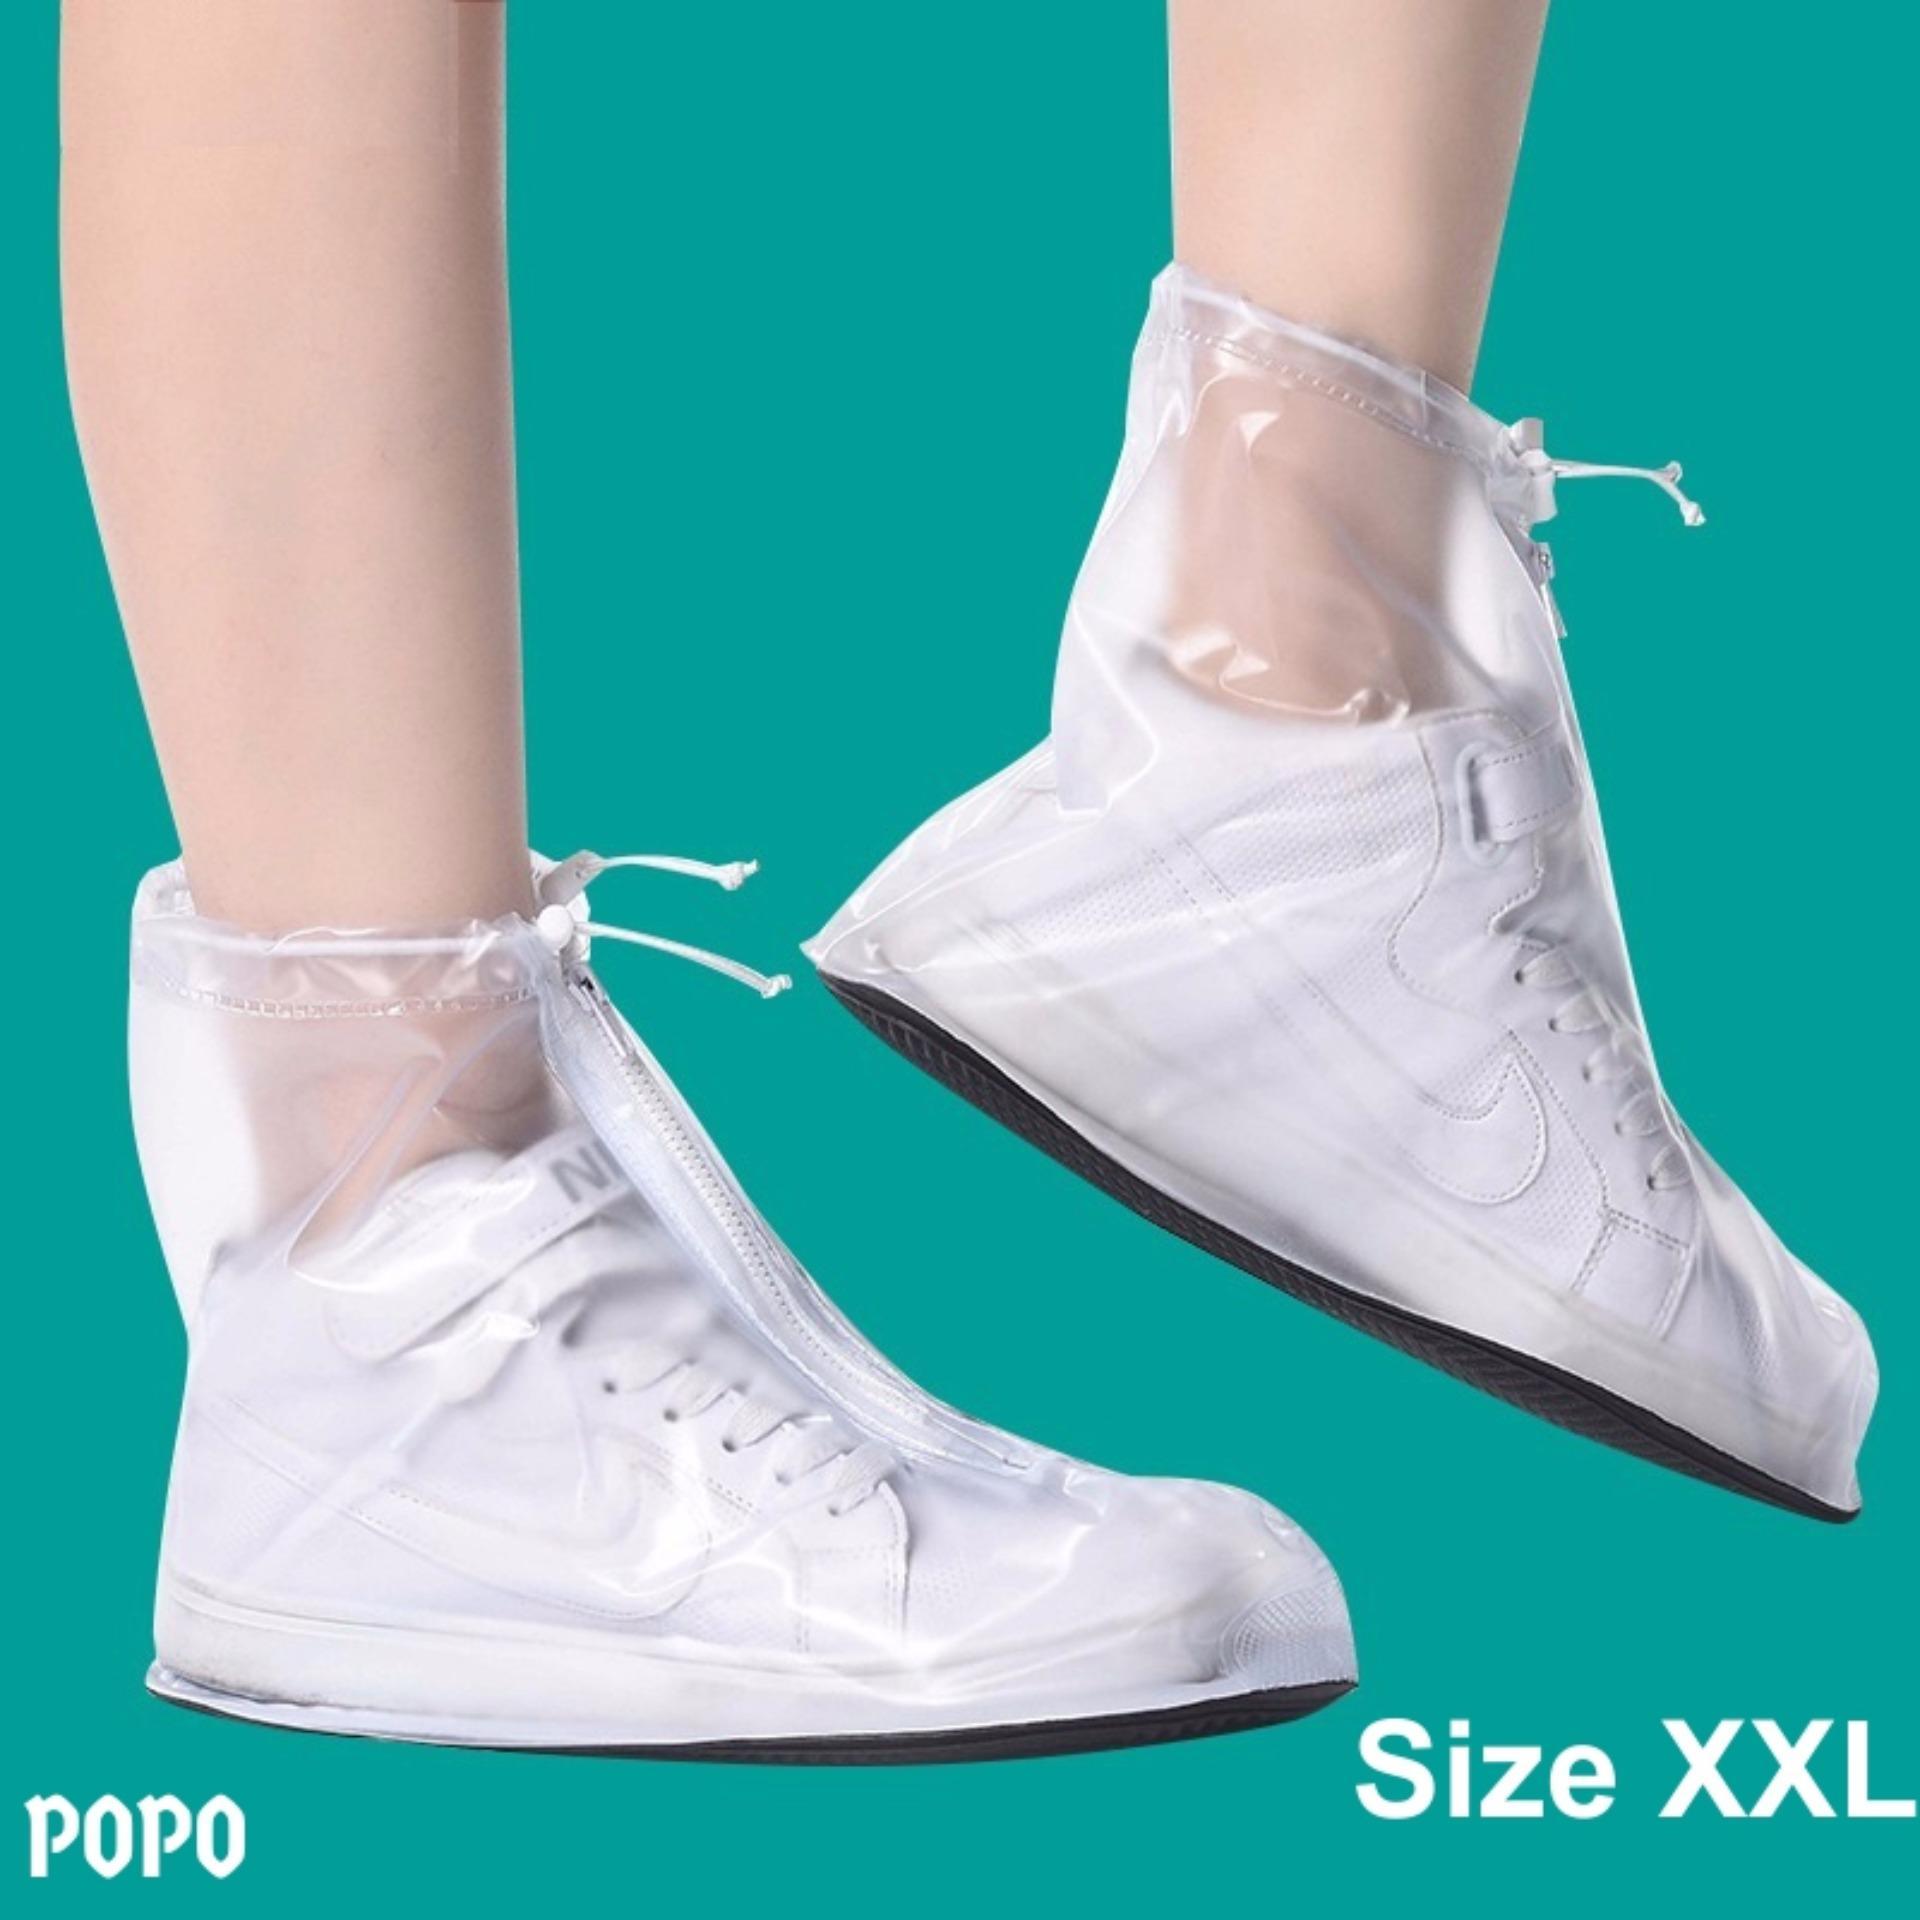 Bọc giày đi mưa cho nam Size XXL (Trắng), chống thấm nước 100%, chất liệu cao cấp + Quà tặng ngẫu nhiên